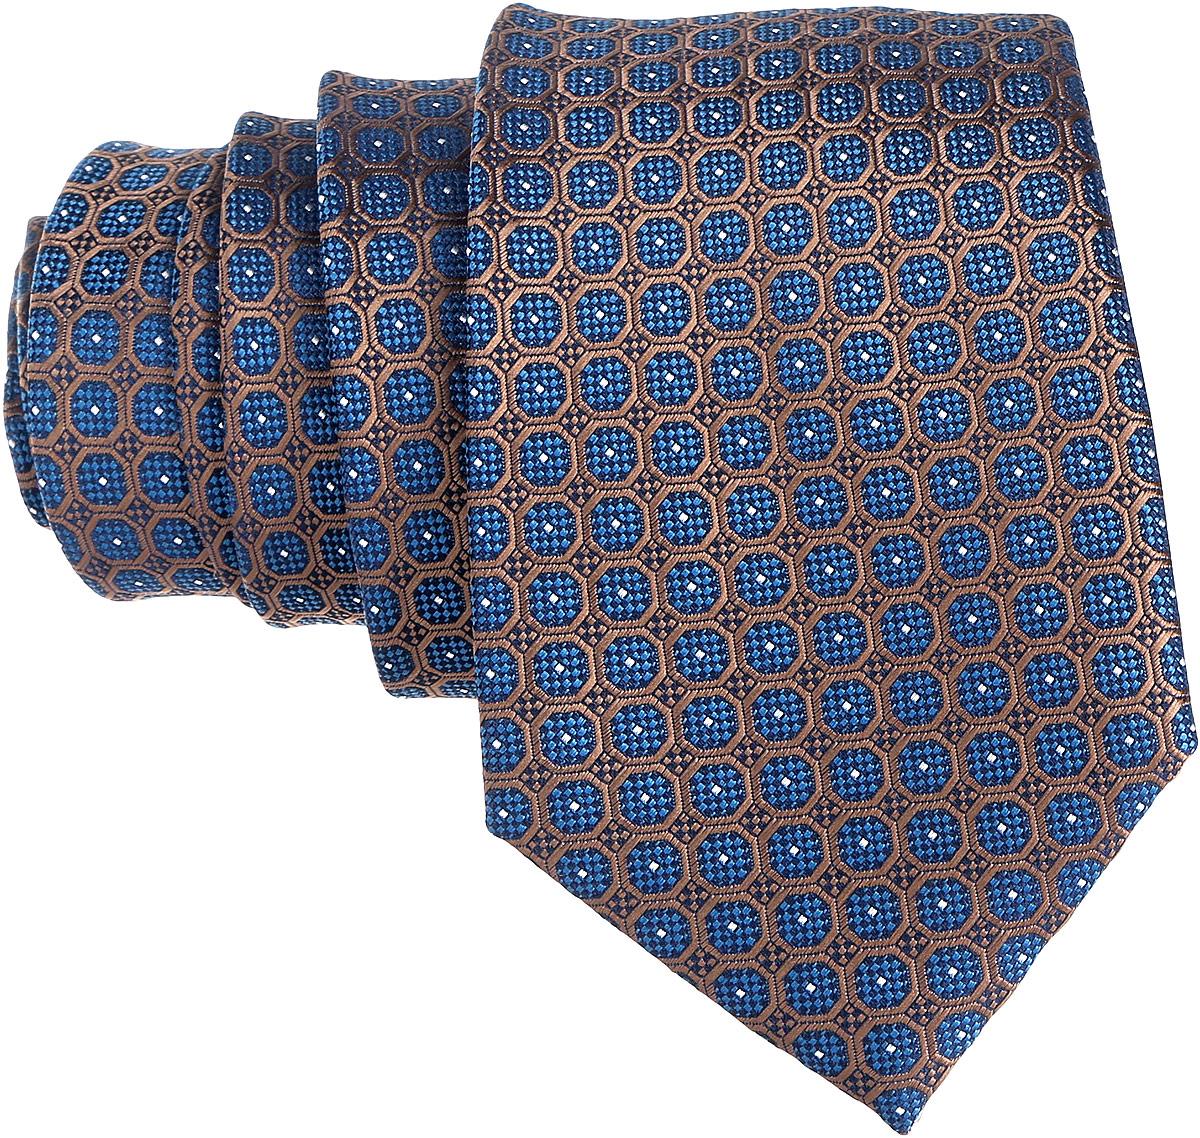 Галстук. 12.01522412.015224Стильный галстук BTC станет отличным завершающим штрихом вашего образа. Этот модный аксессуар порадует вас высоким качеством исполнения и современным дизайном. Изделие полностью выполнено из качественного полиэстера. Галстук оформлен оригинальным принтом. Такой оригинальный галстук подойдет как к повседневному, так и к официальному наряду, он позволит вам подчеркнуть свою индивидуальность и создать свой неповторимый стиль.